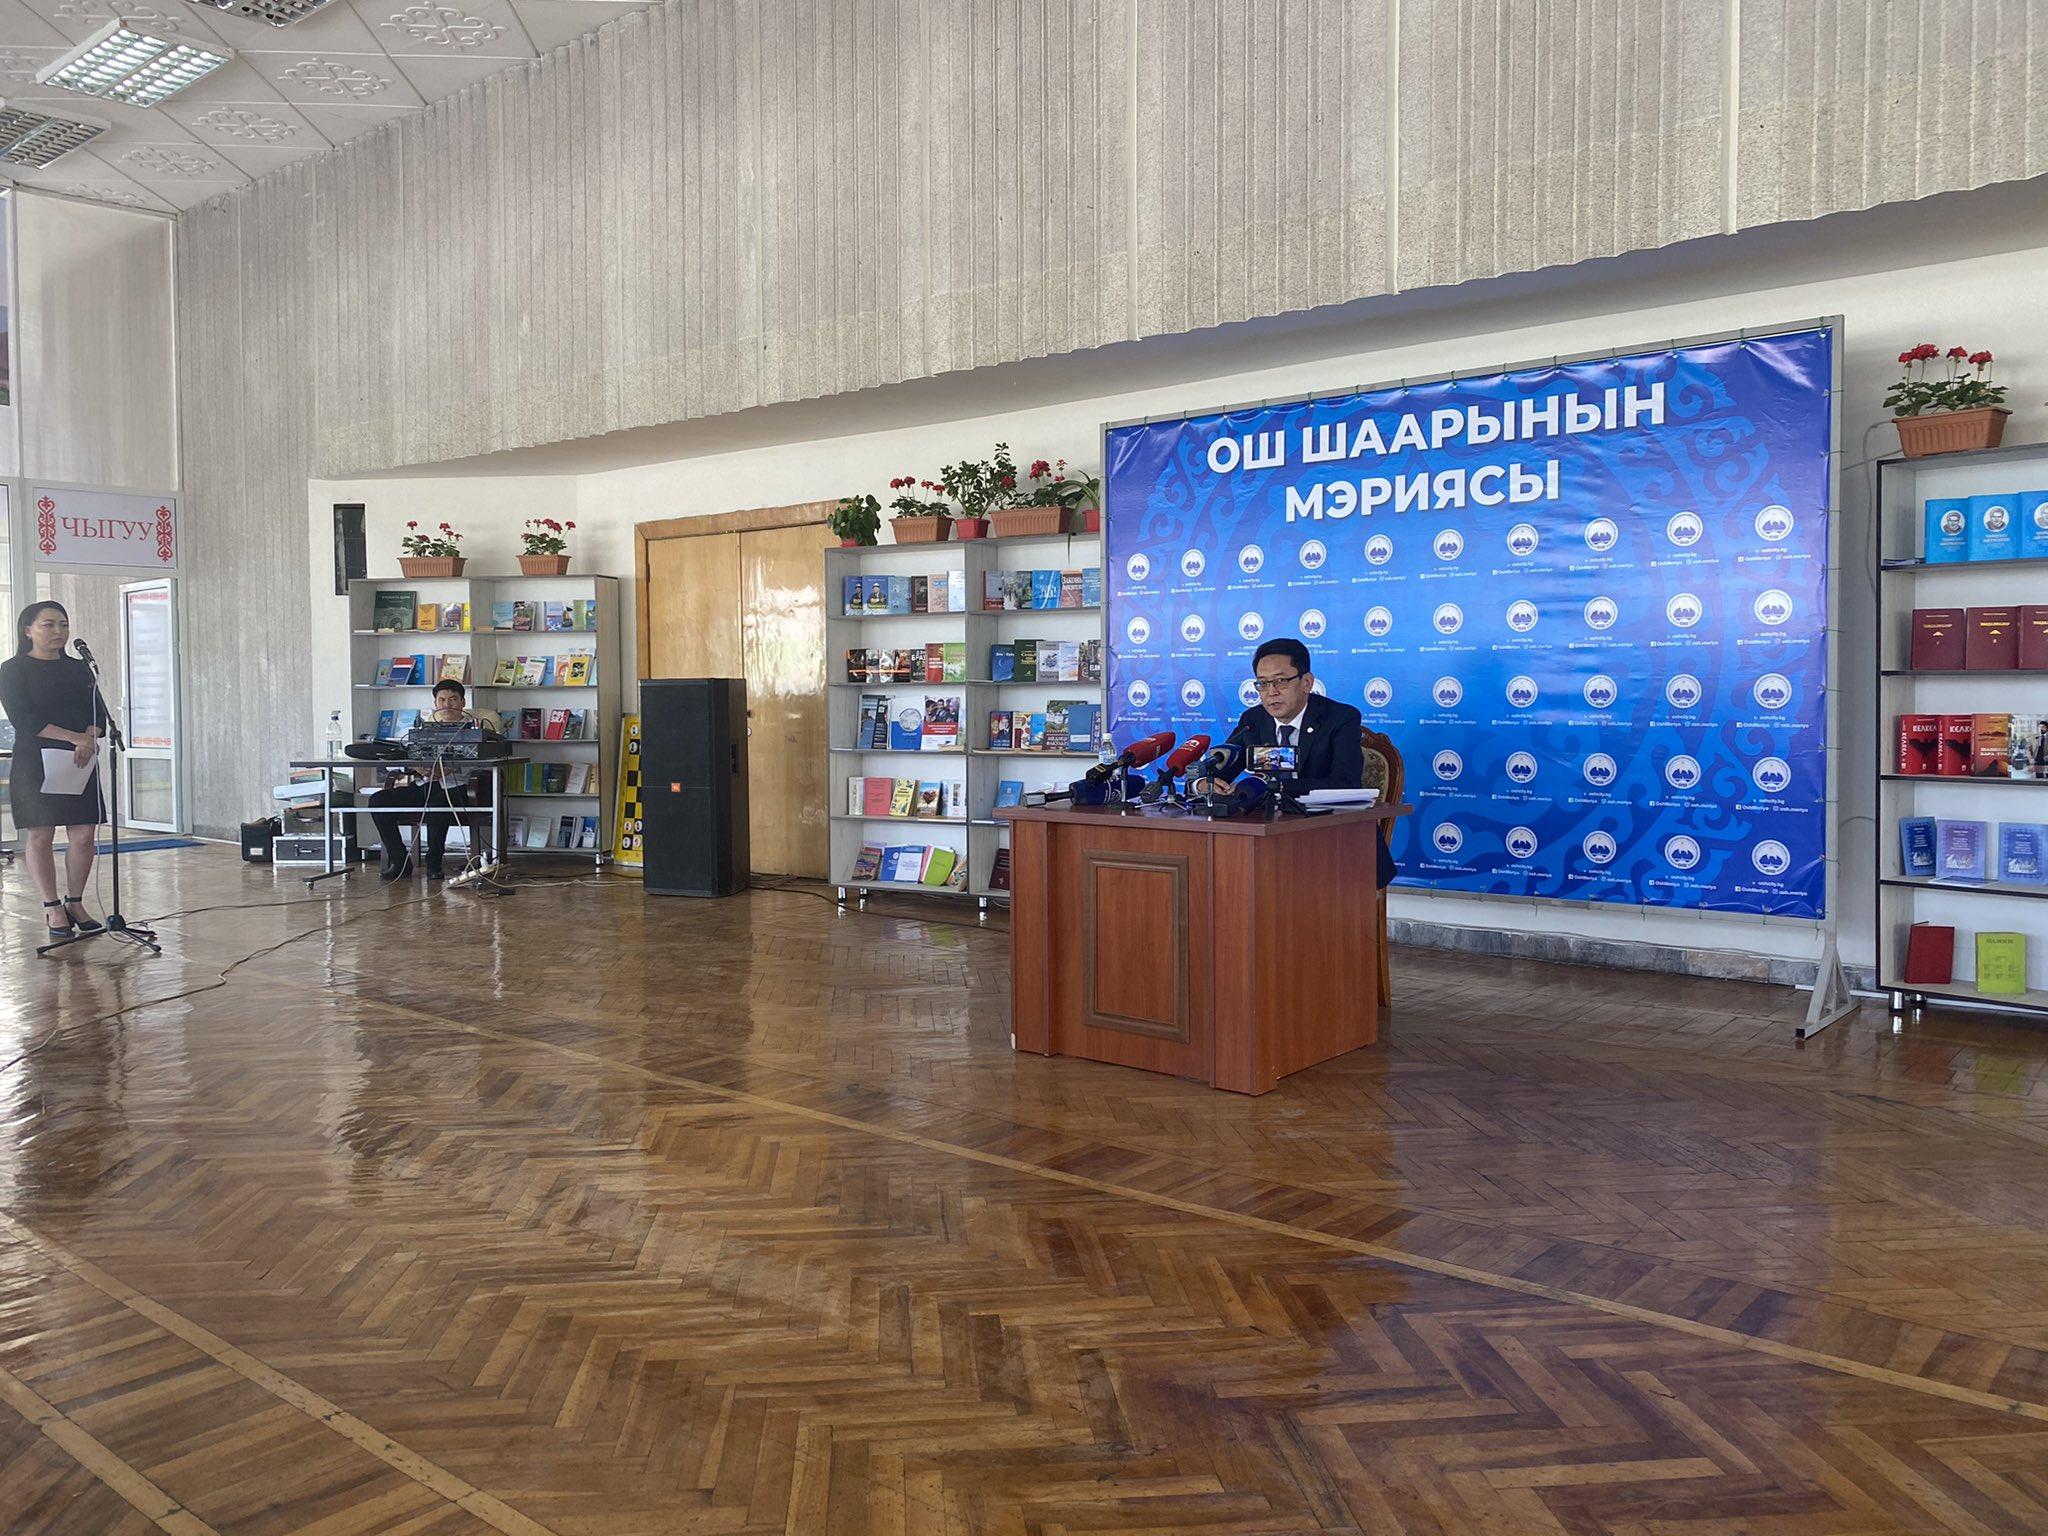 Ош: После проведения пресс-конференции и.о. мэра накрыли стол журналистам